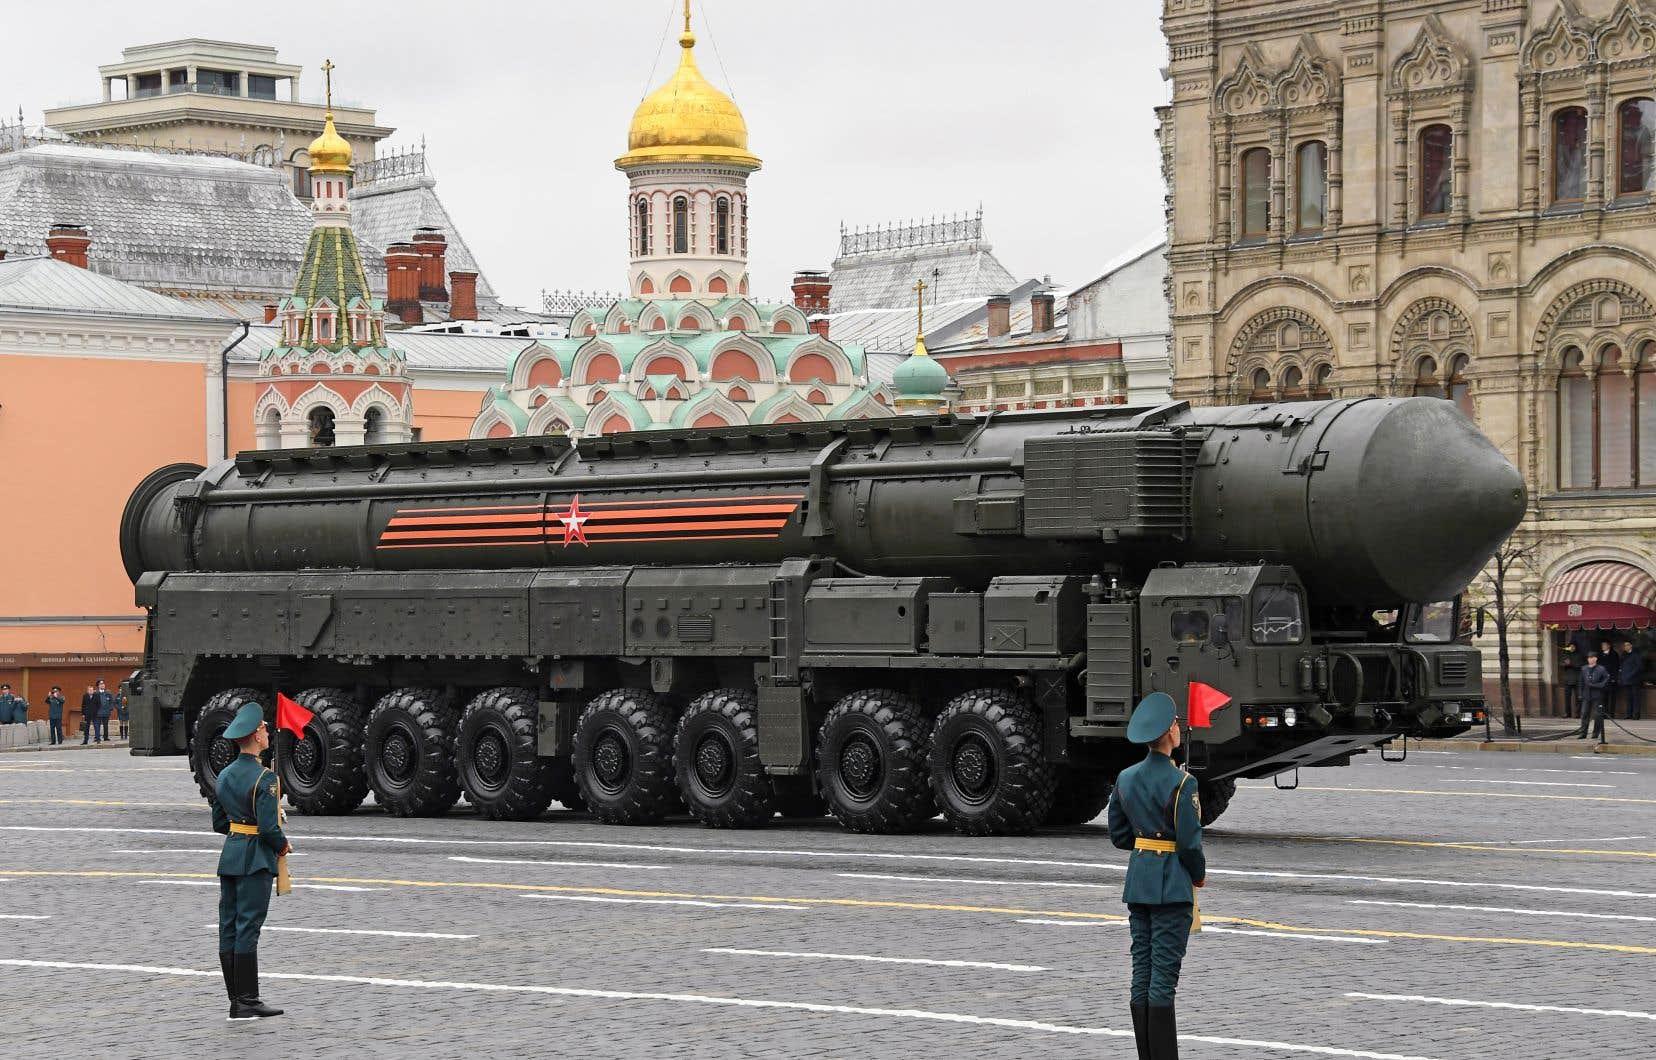 Un missile balistique intercontinental russe Yars RS-24 défile sur la place Rouge à Moscou. L'arme peut être dotée d'une charge thermonucléaire.